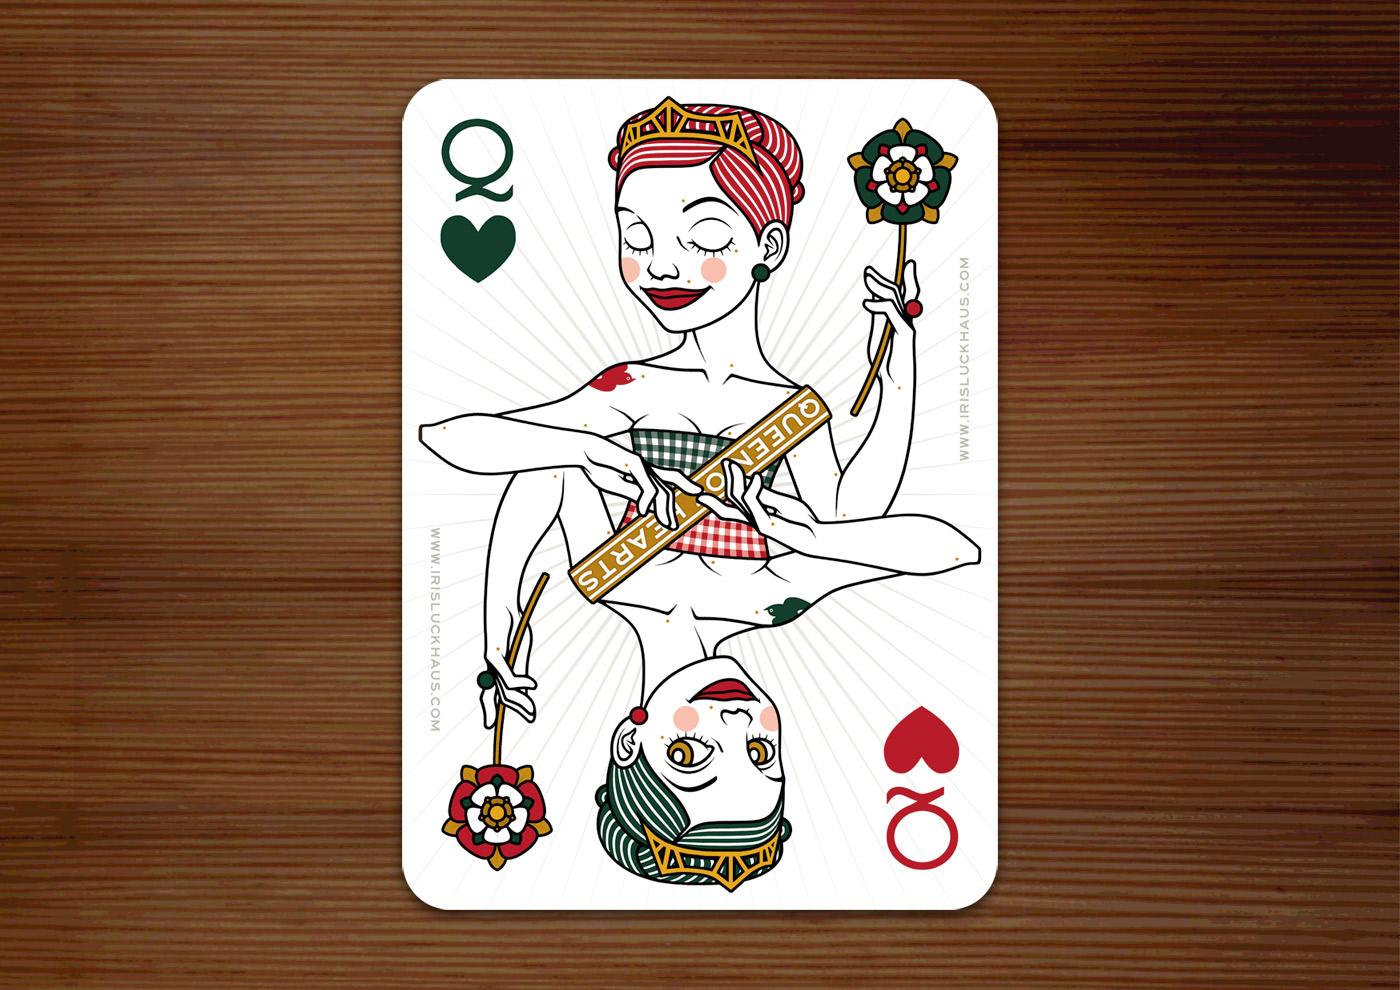 Herzdame Spielkarte im Zeixs 52 Aces Pokerdeck von Iris Luckhaus